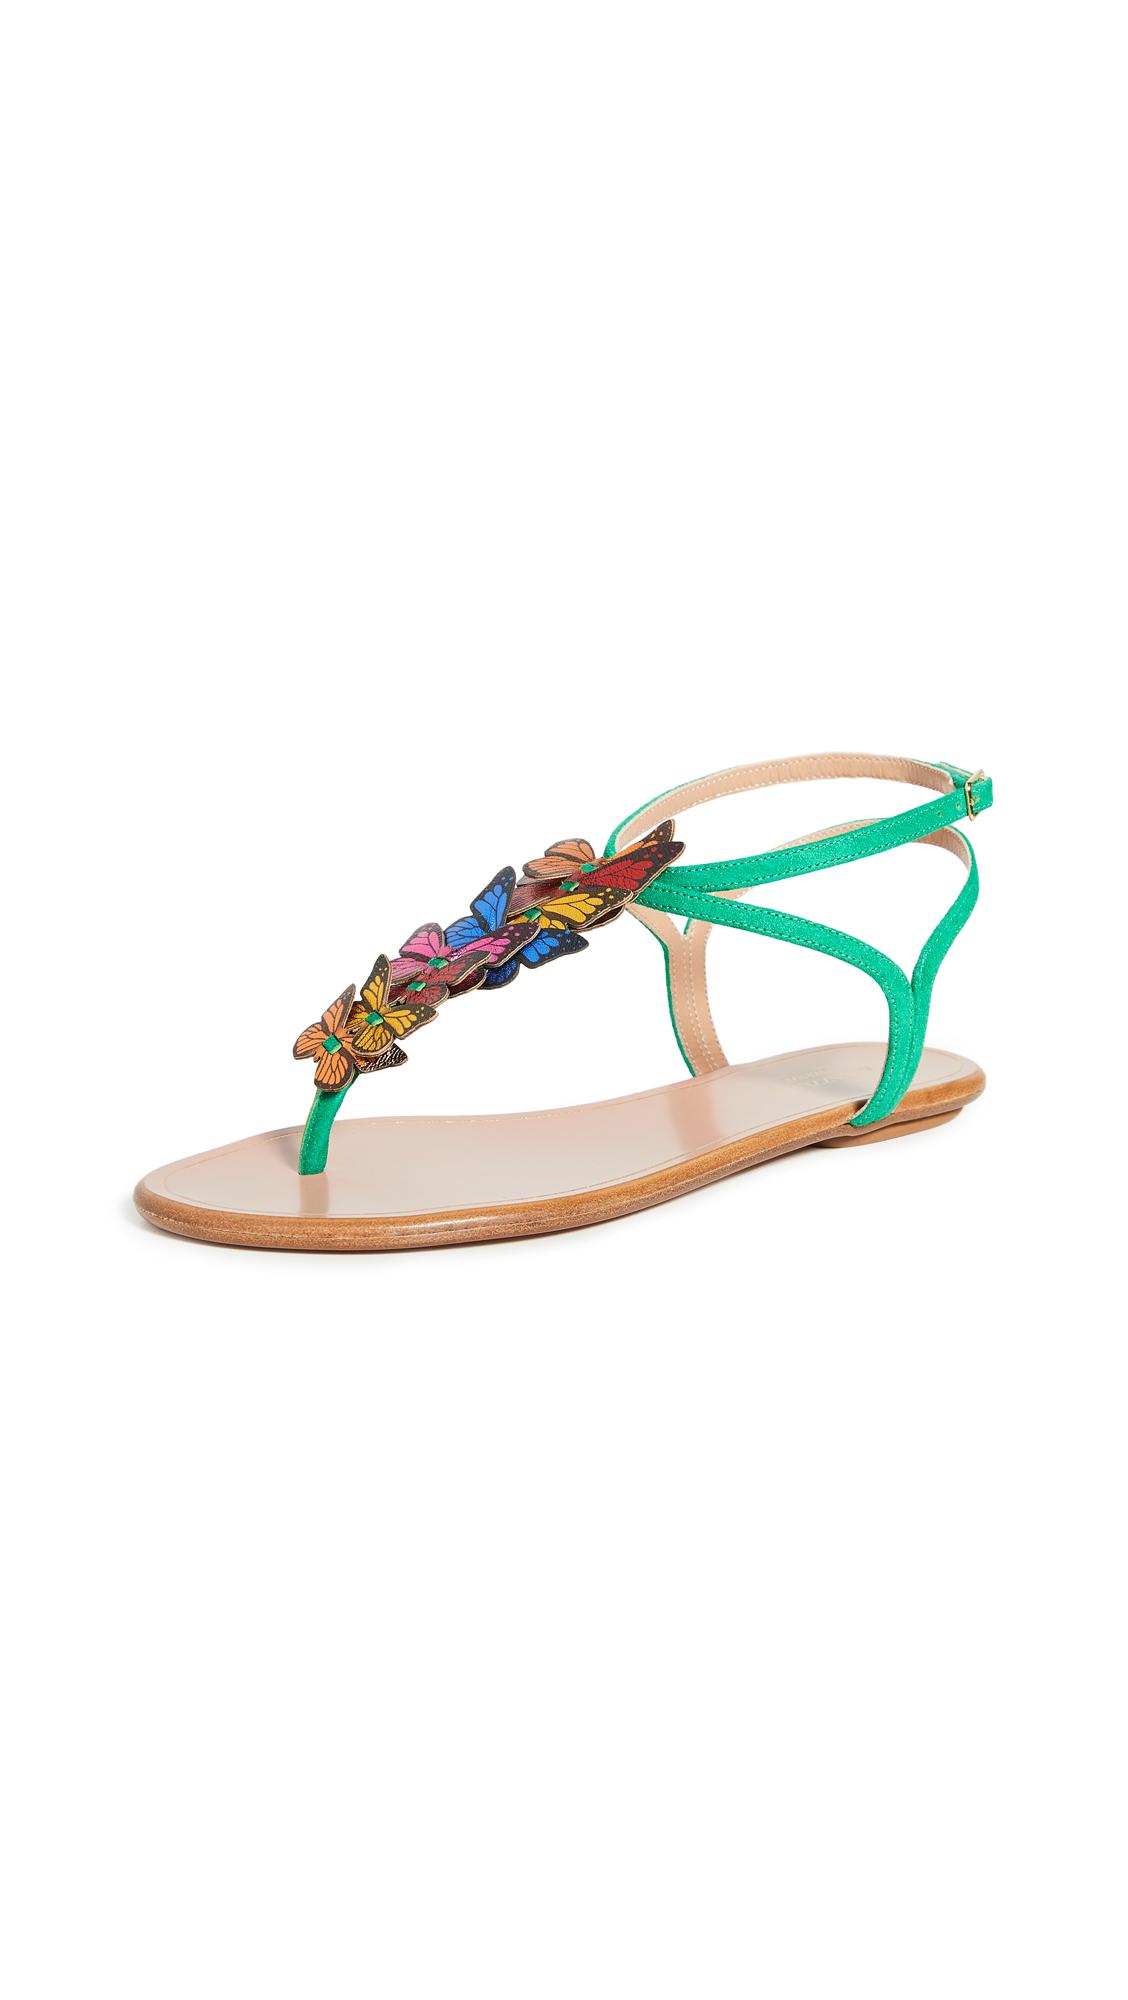 Buy Aquazzura Papillon Sandal Flats online, shop Aquazzura